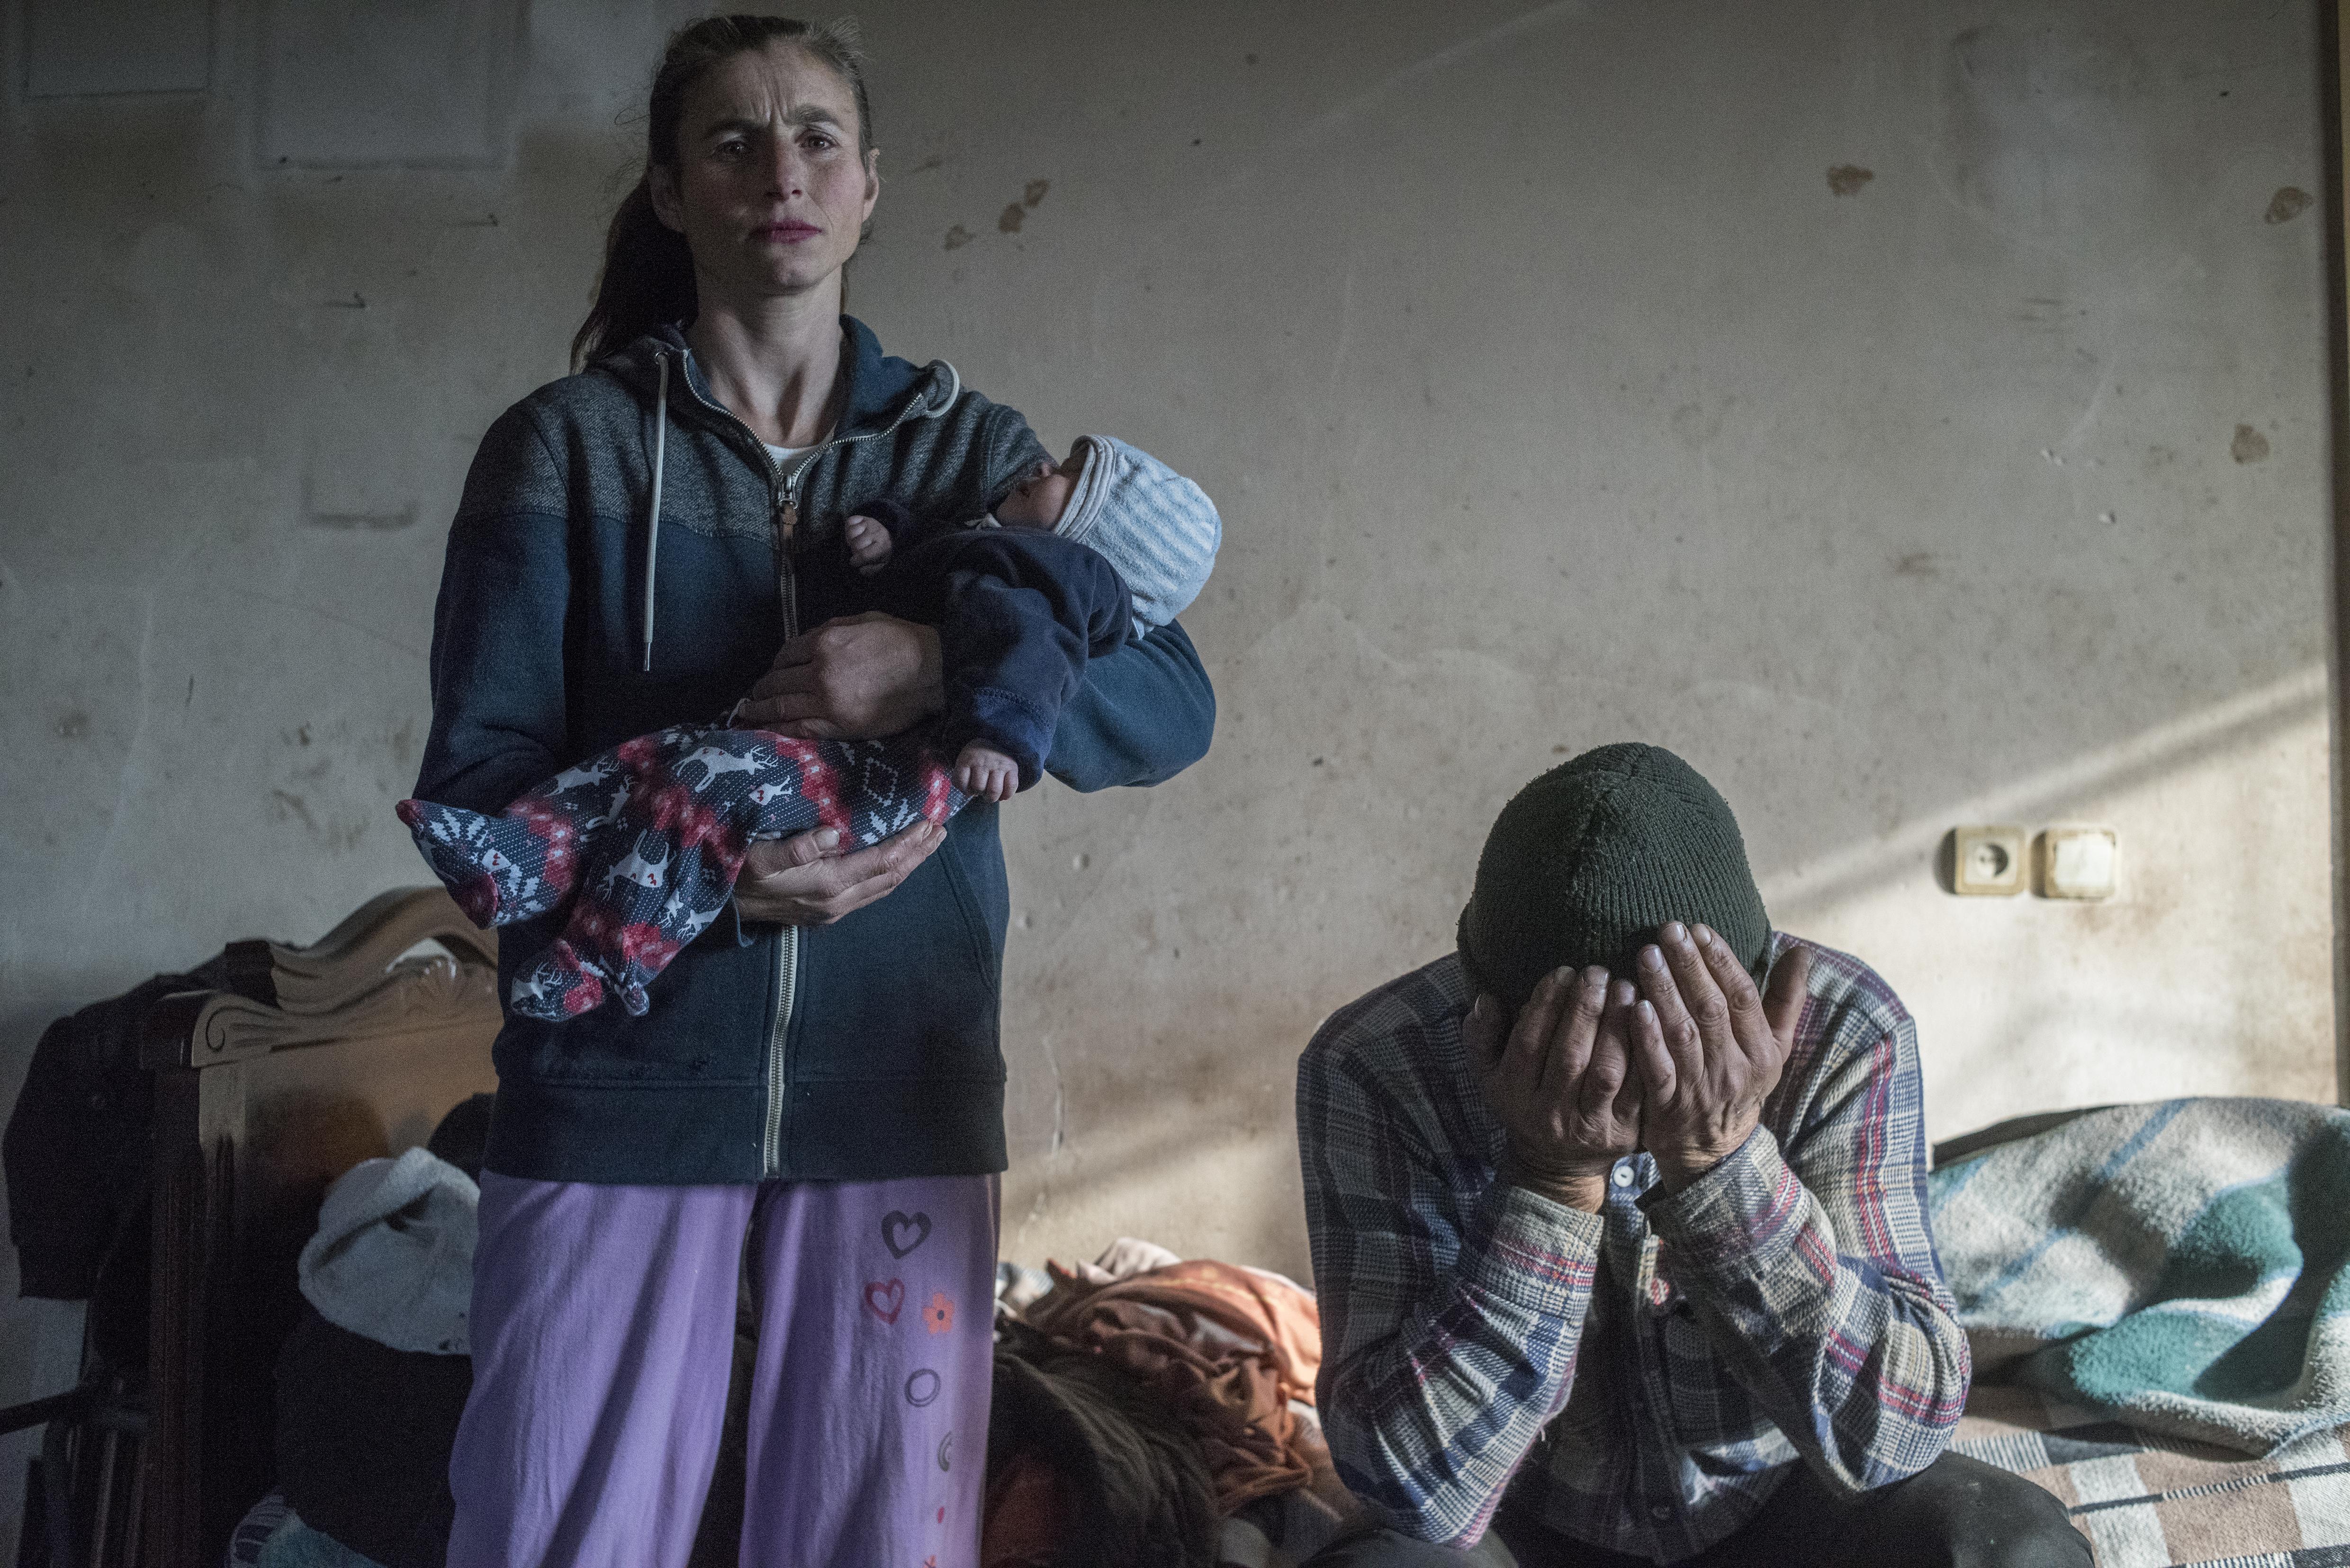 Foto: Valery Melnikov/World Press Photo